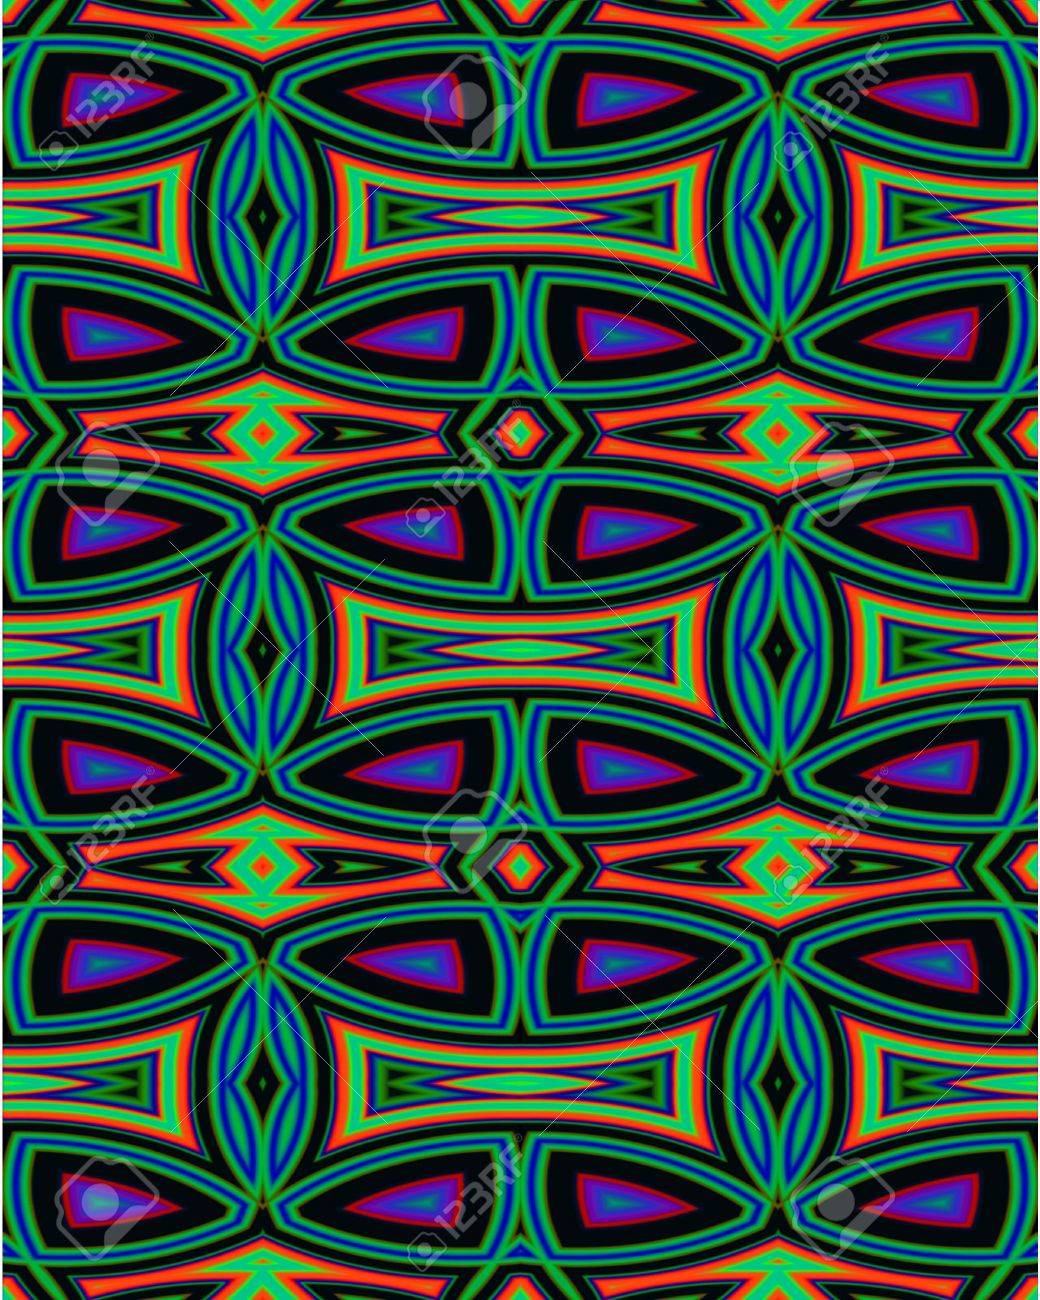 ネイティブ アメリカンのインスピレーションを得たデザインで抽象的なフラクタル壁紙 の写真素材 画像素材 Image